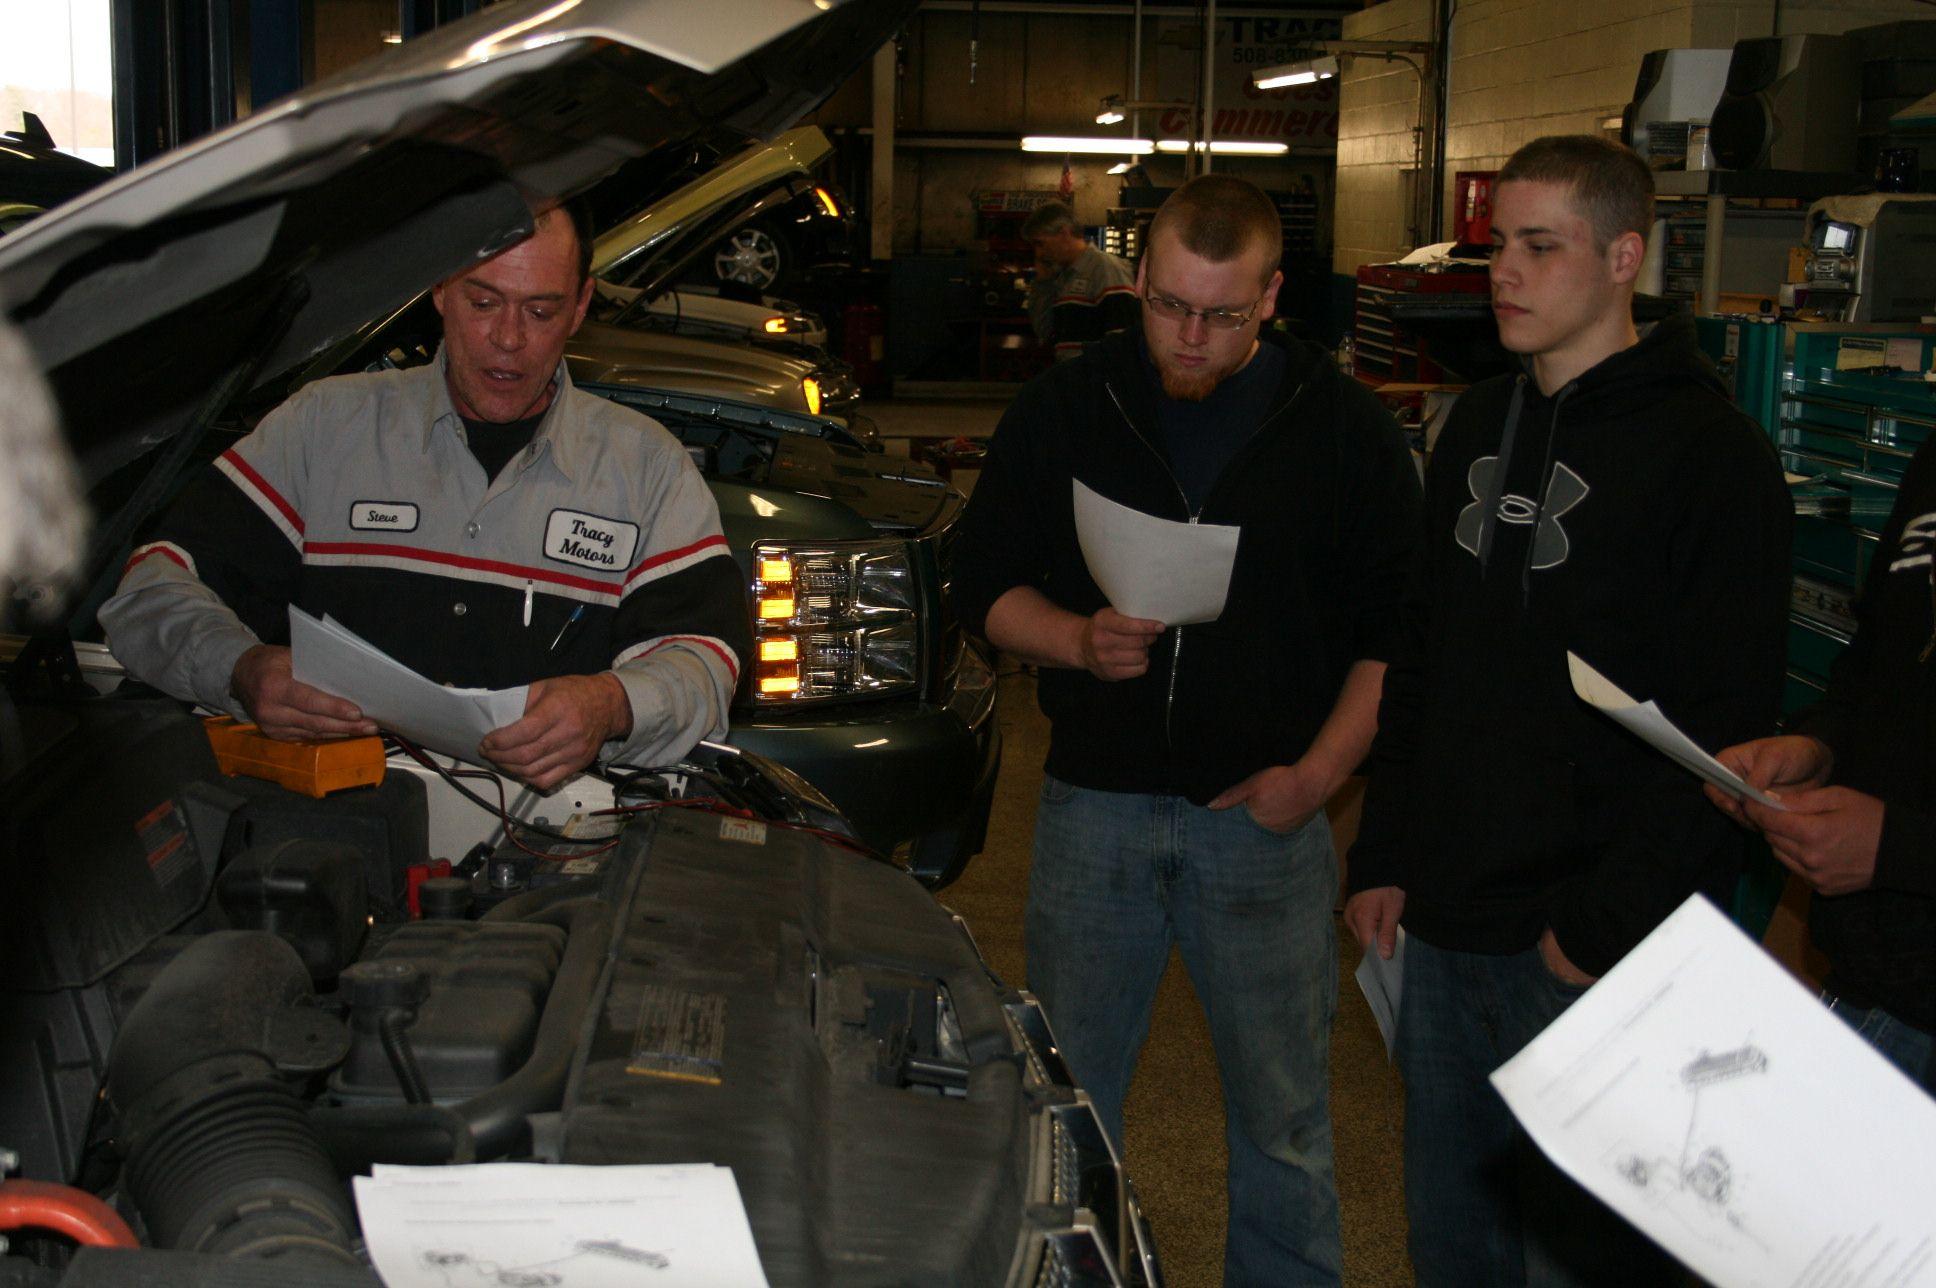 Tracy Chevrolet Cadillac Technician